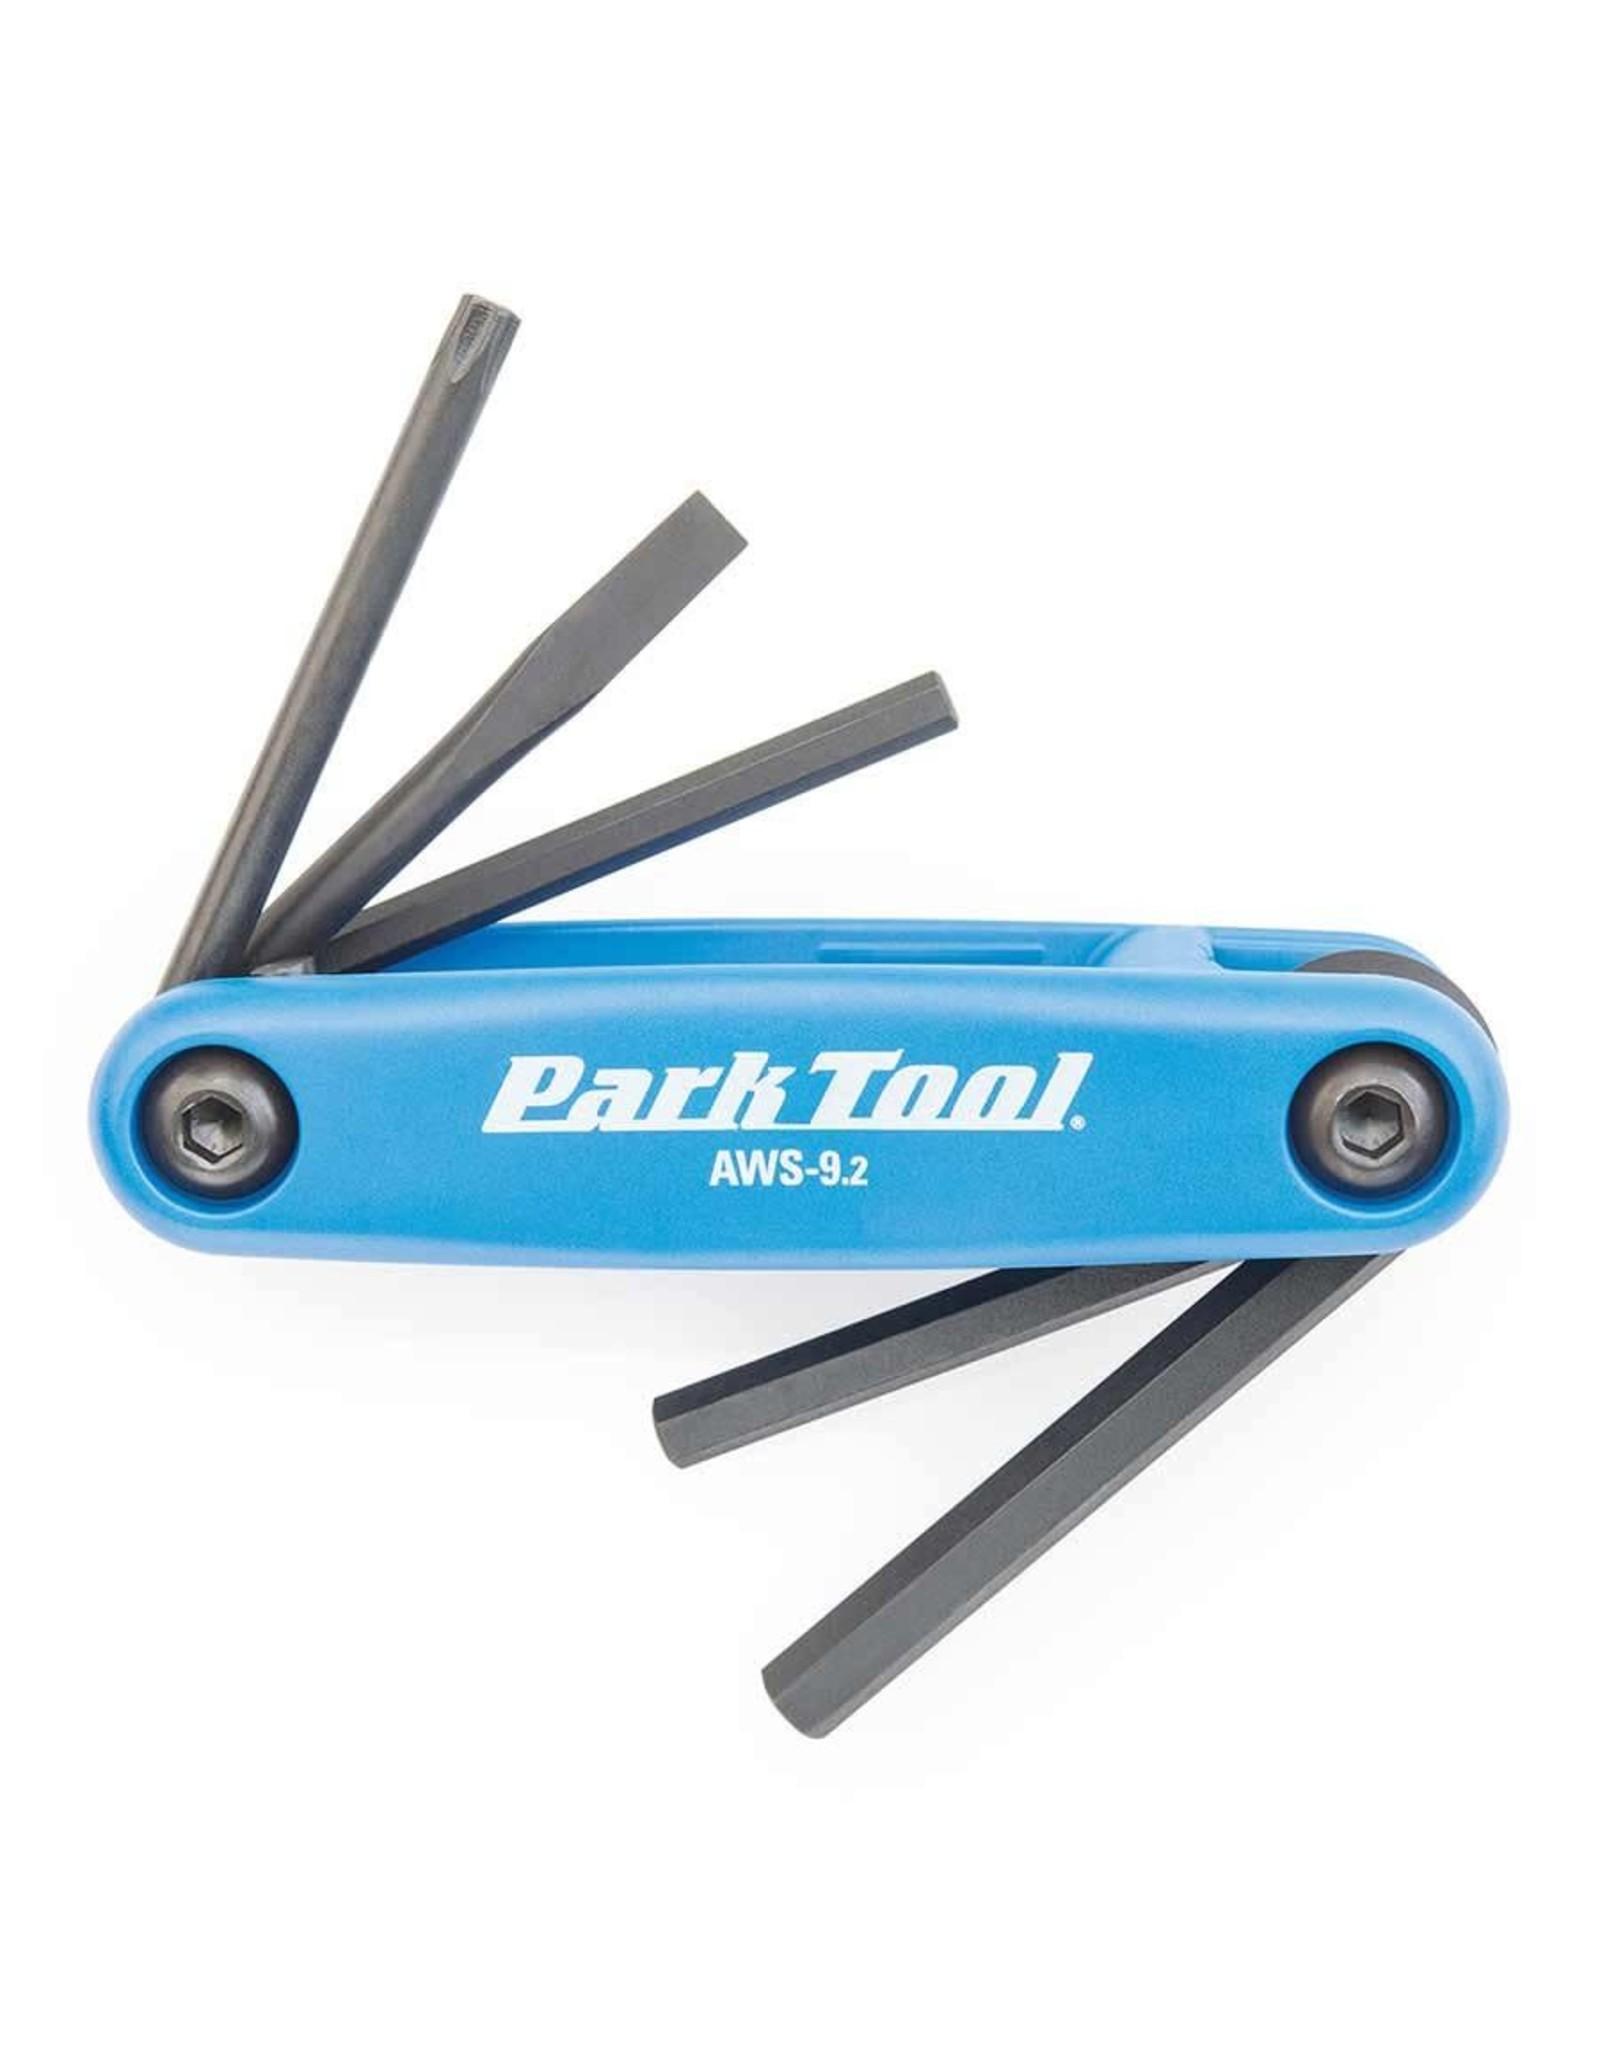 Park Tool Tournevis et clés hexagonales repliables AWS-9.2 4mm/5mm/6mm/plat et T25